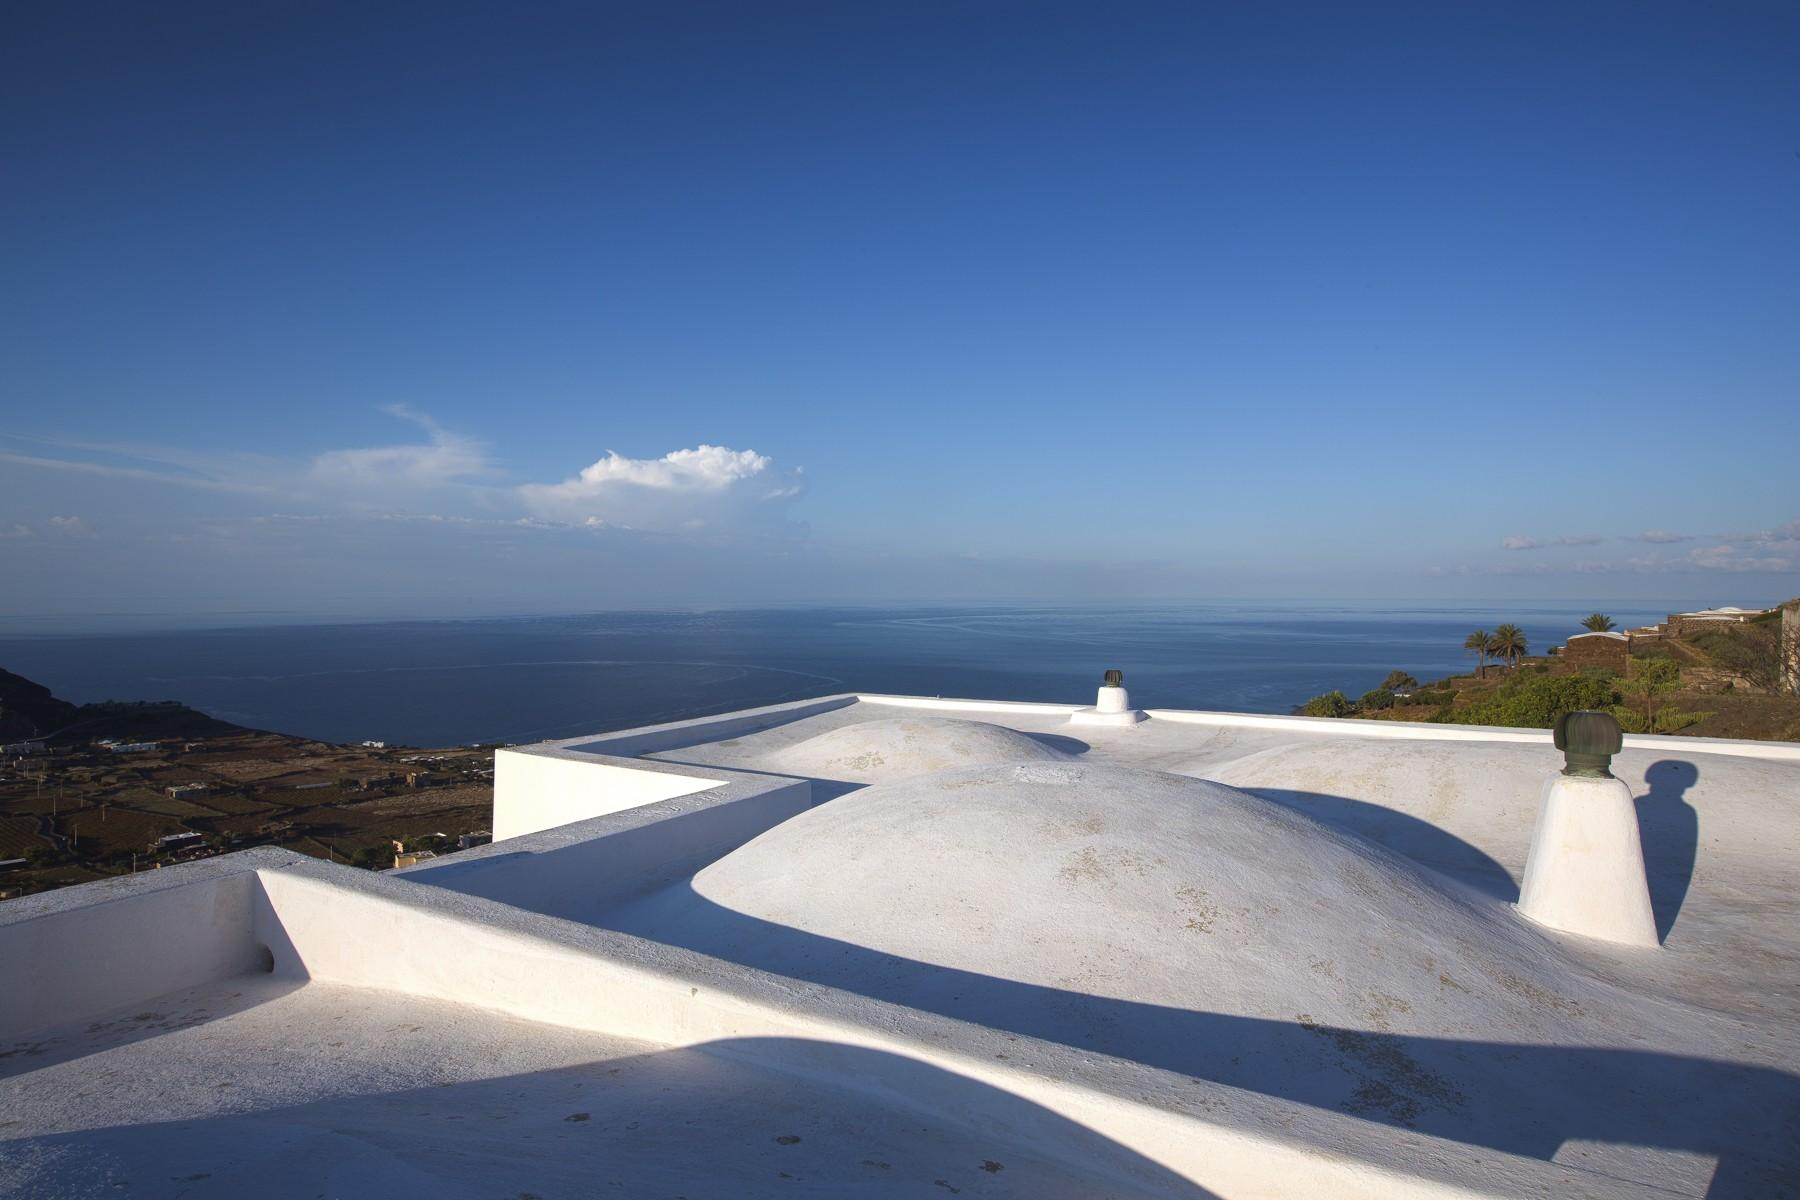 Prächtiges Dammuso auf der Perla Nera des Mittelmeers - 5